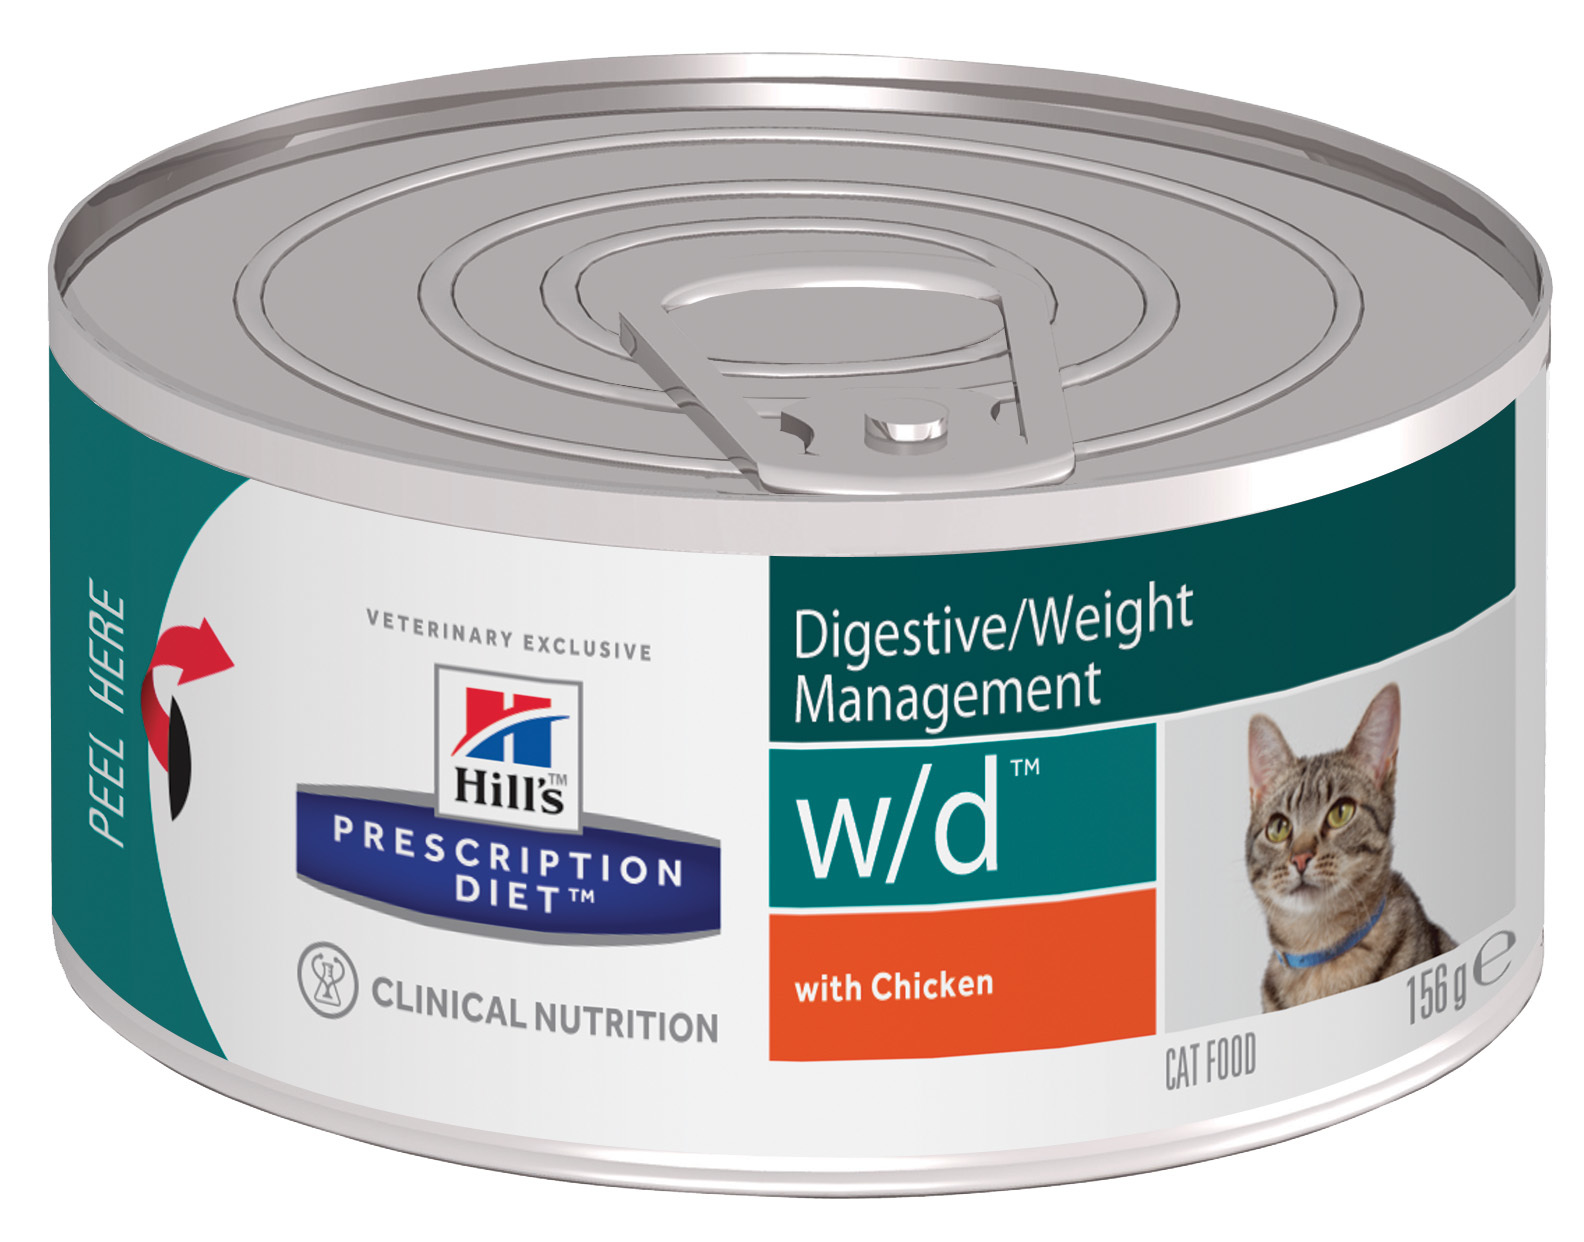 купить хиллс Hill's™ Prescription Diet™ Feline w/d™ Digestive/Weight Managemen with Chicken консервы (влажный корм)для взрослых кошек, диетический рацион при сахарном диабете, запорах, колитах